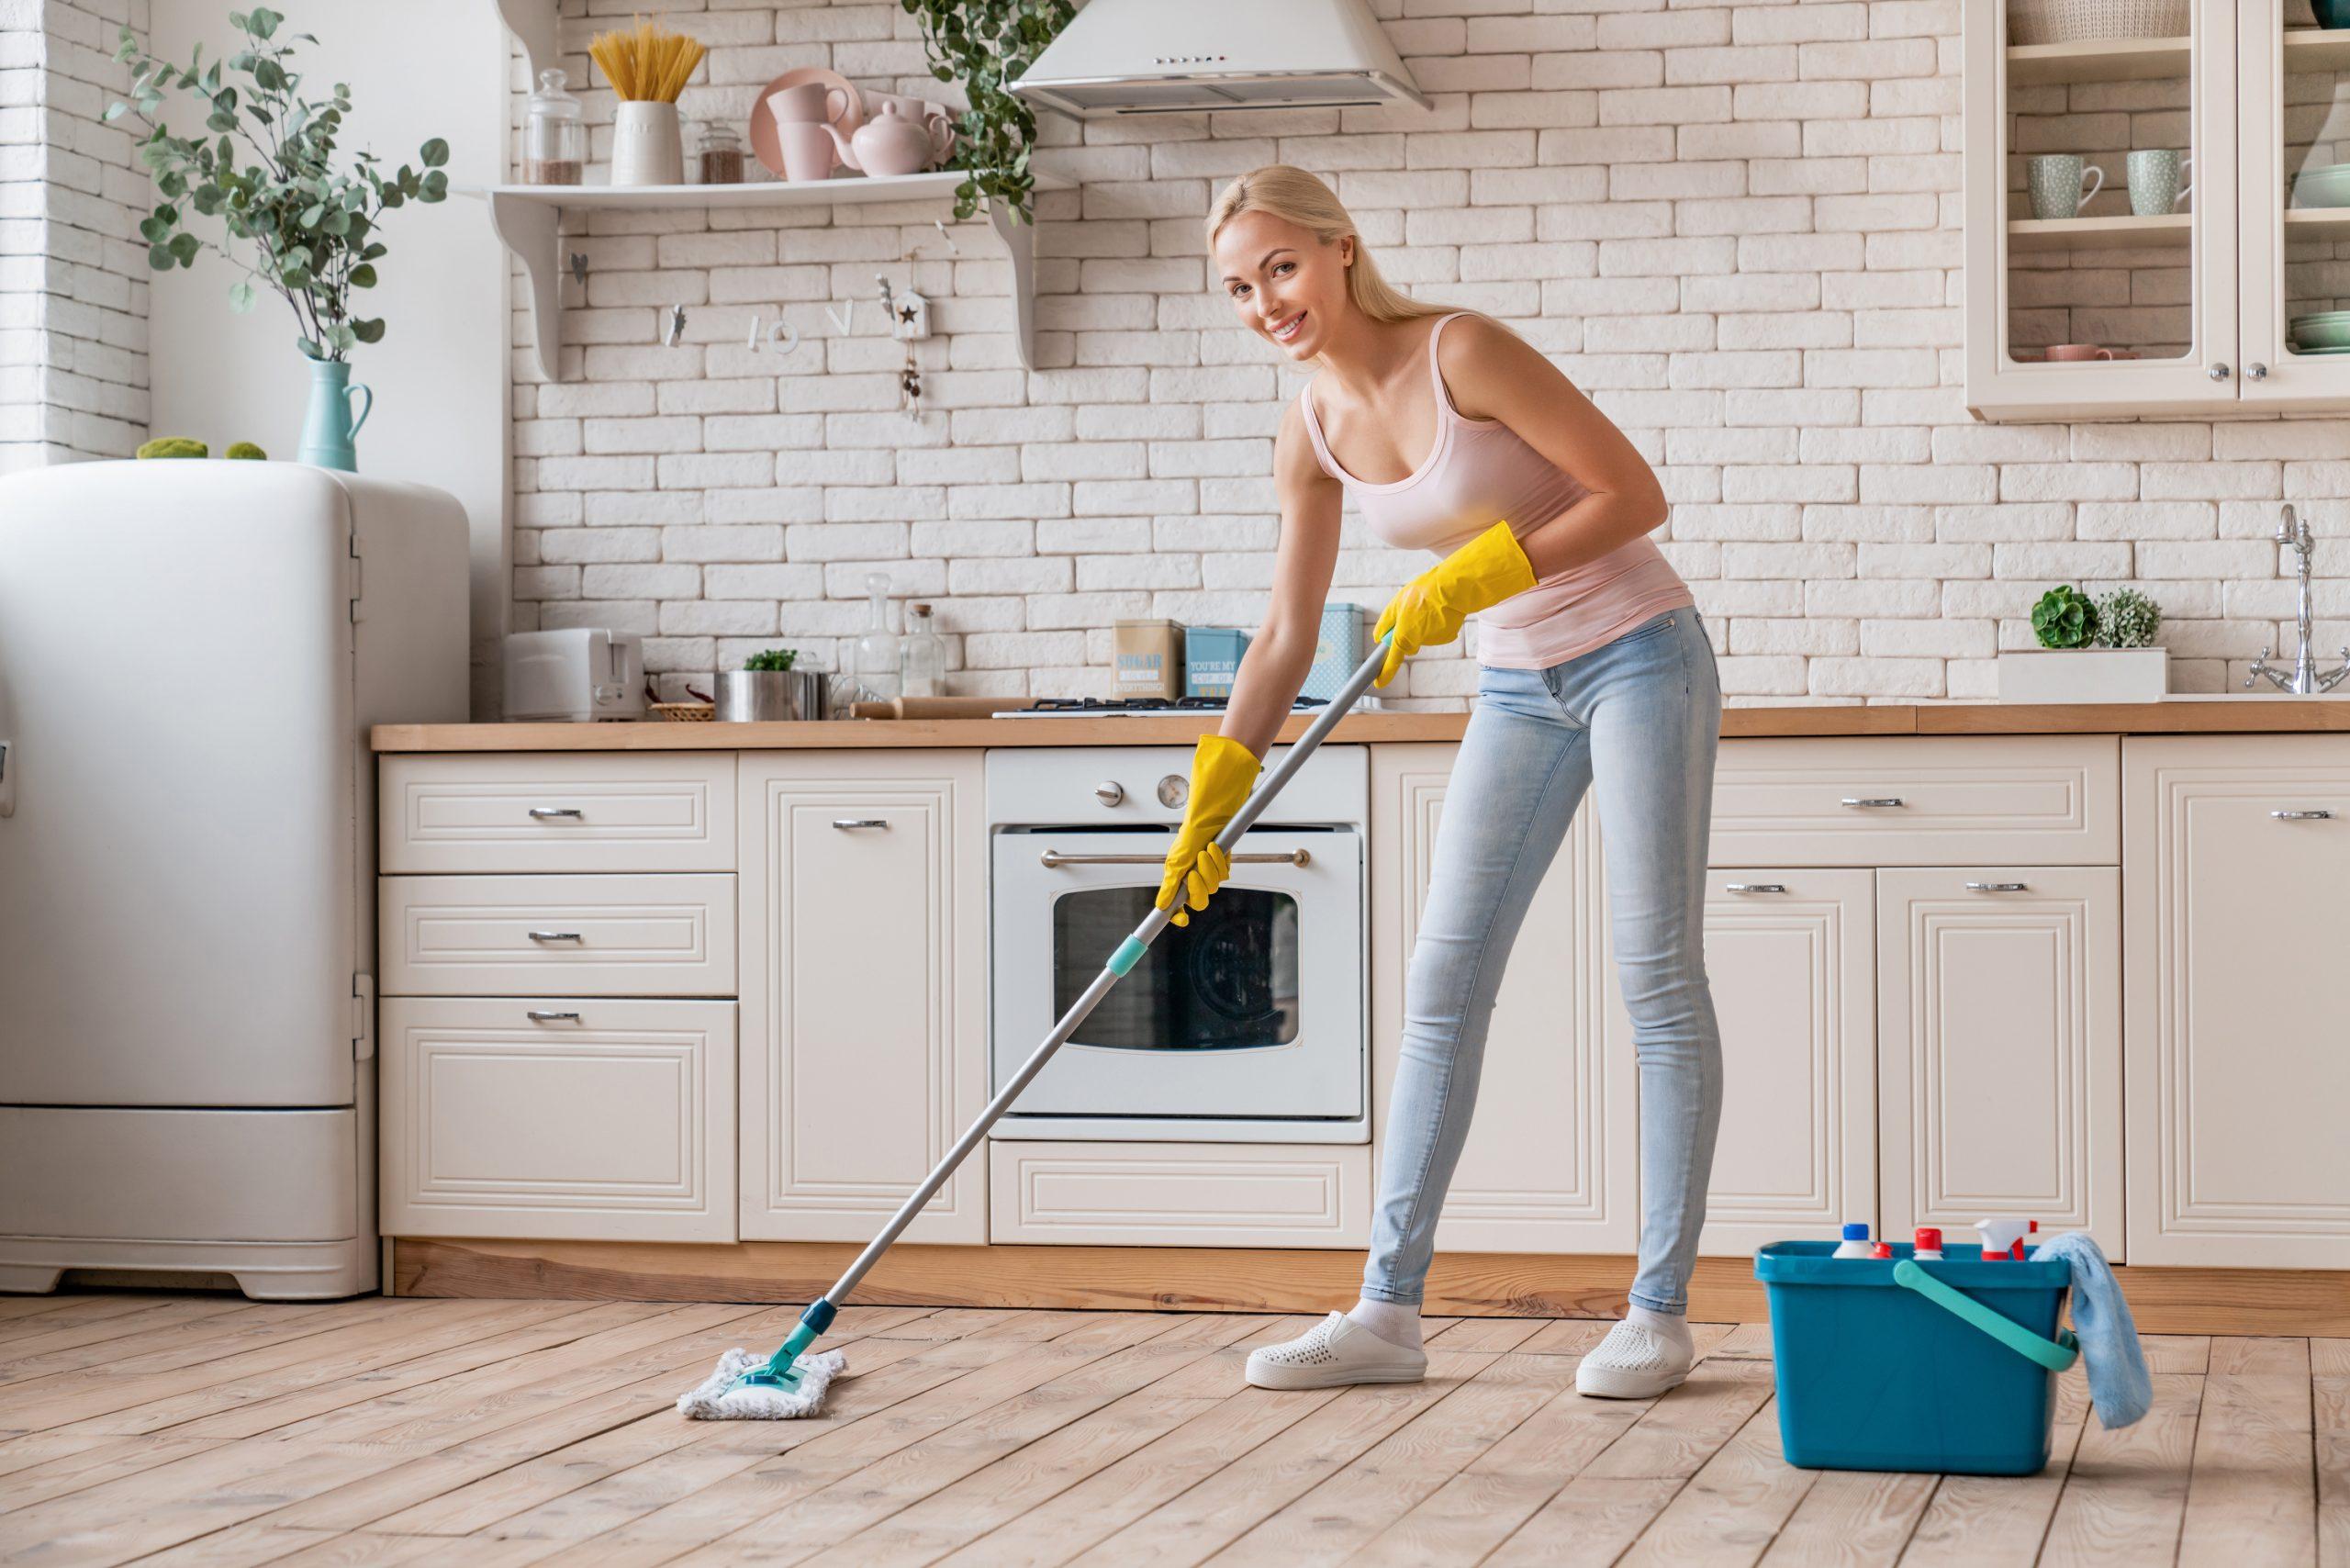 Žena umýva podlahu s mopom v kuchyni.